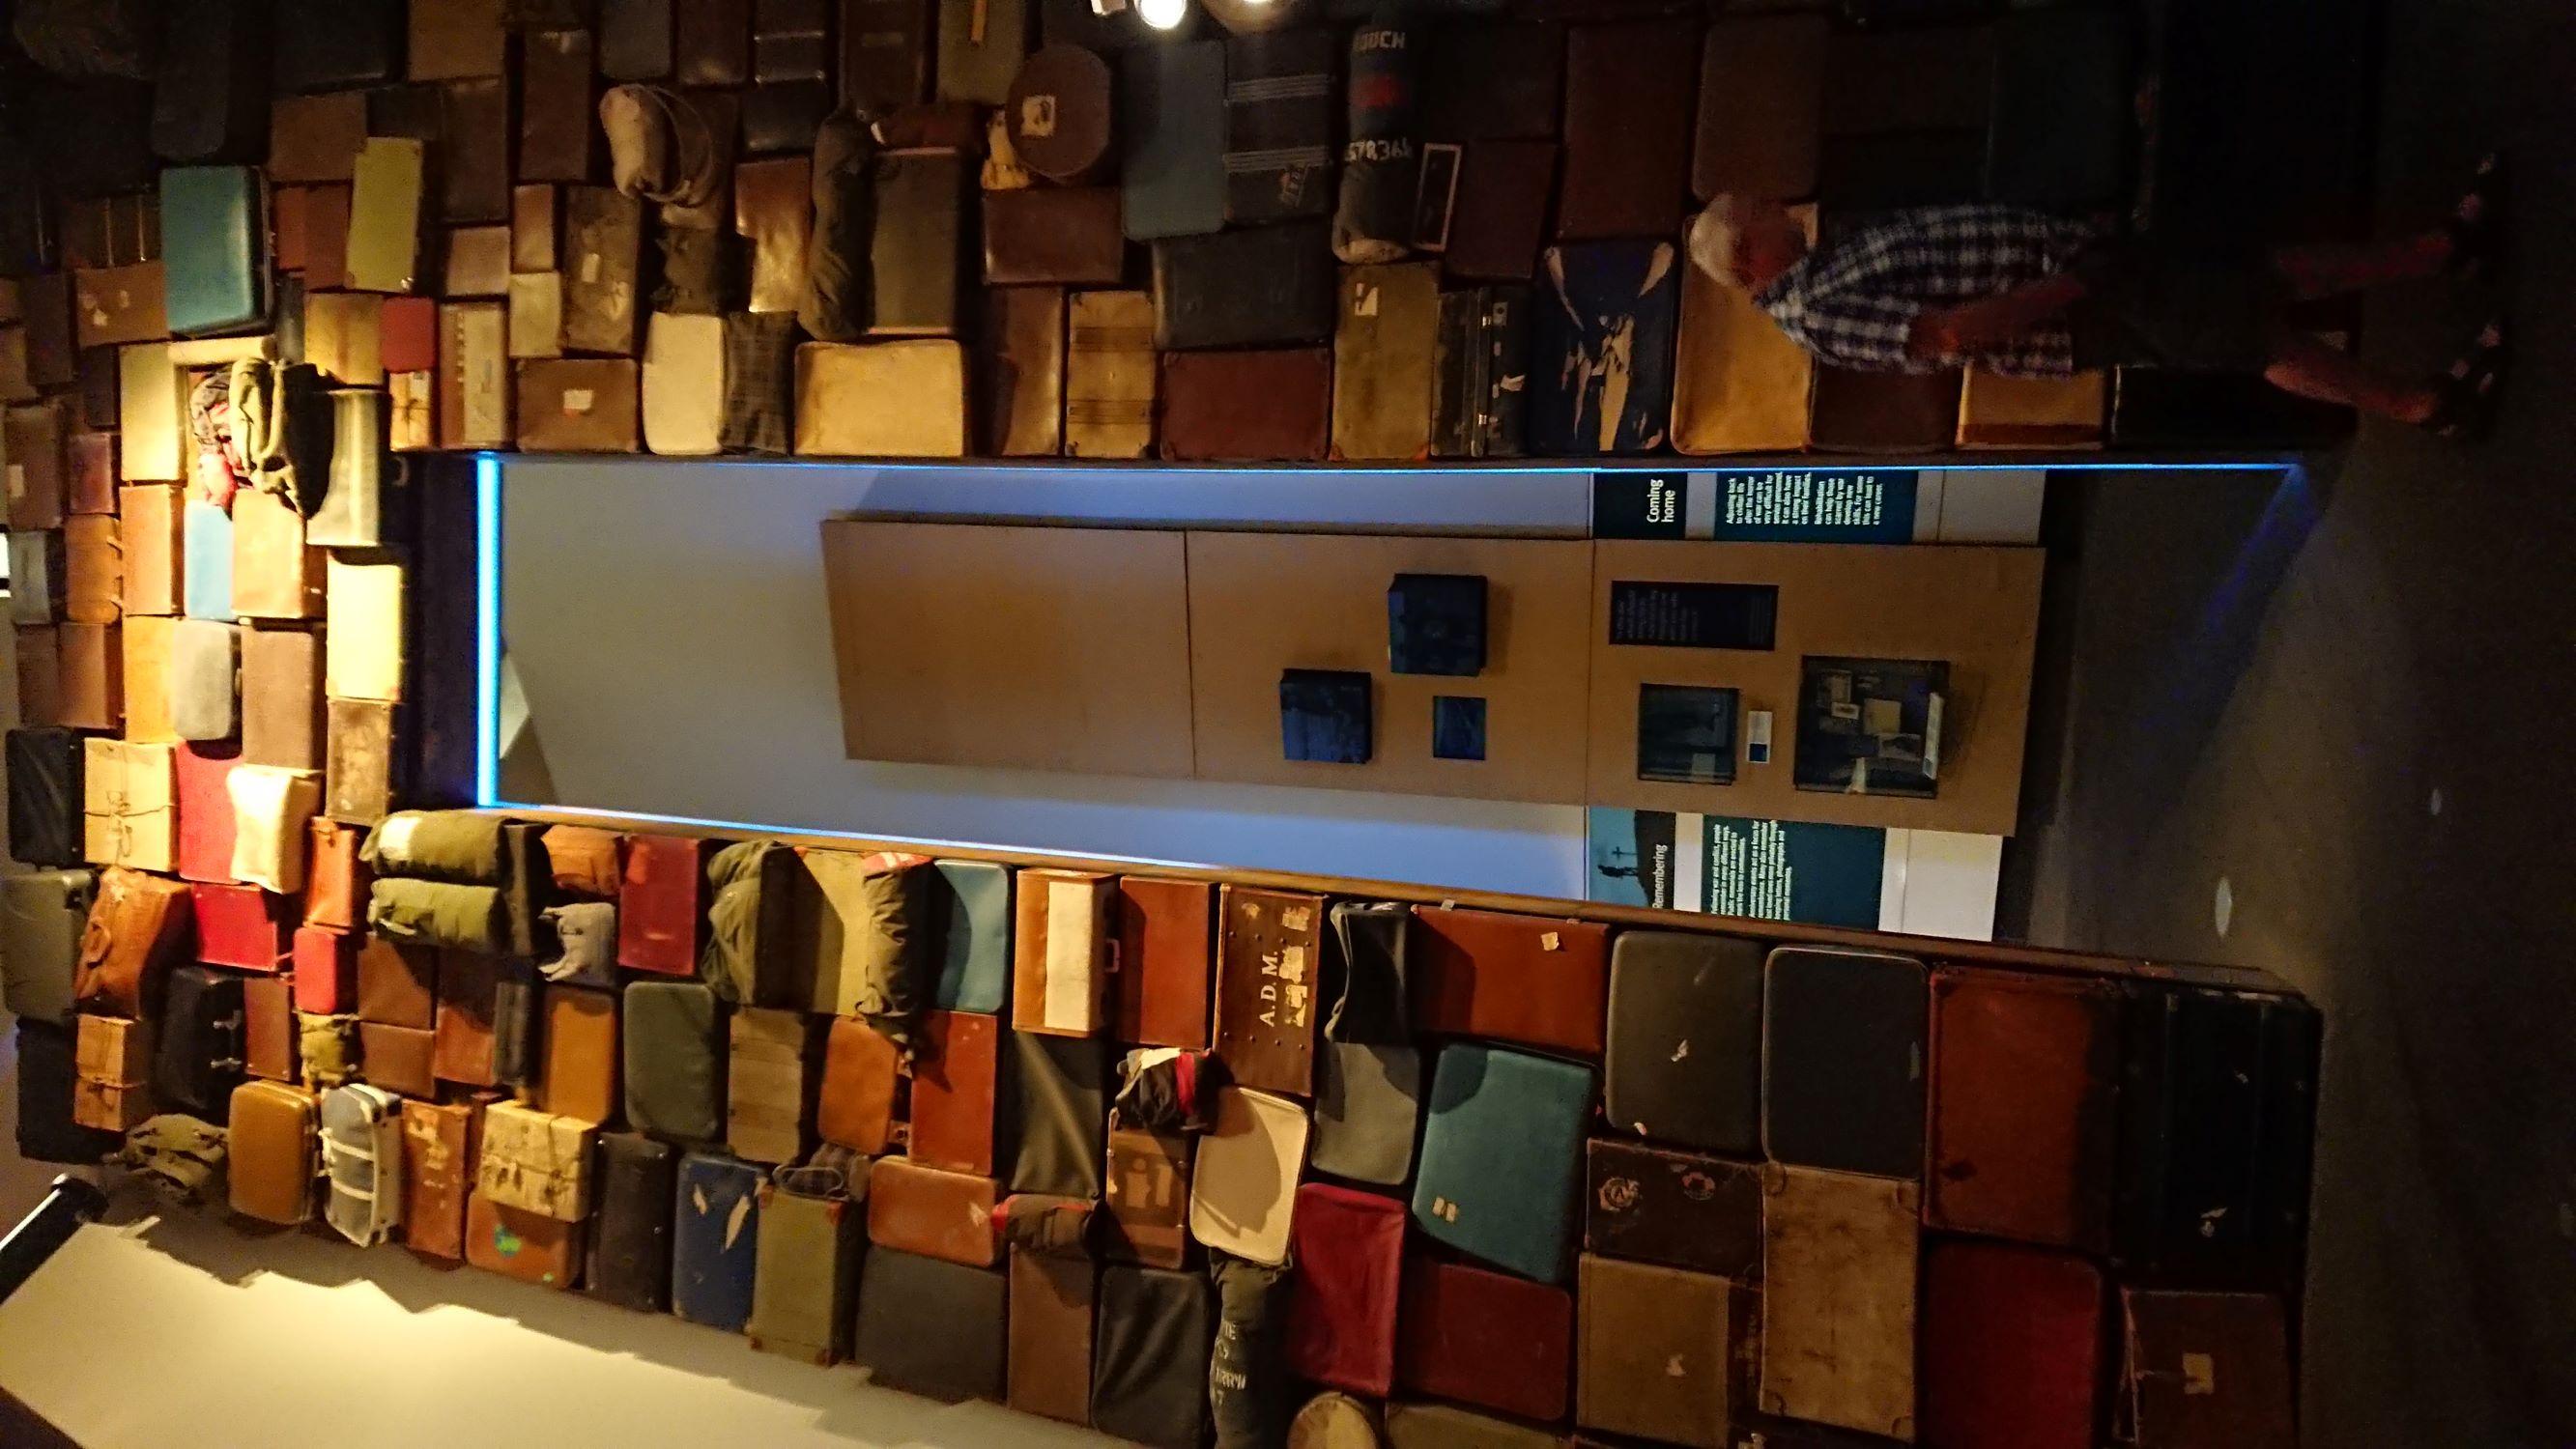 Emlékül mindazoknak, akik a háború miatt elhagyni kényszerültek otthonukat. Mi férhet egy bőröndbe?